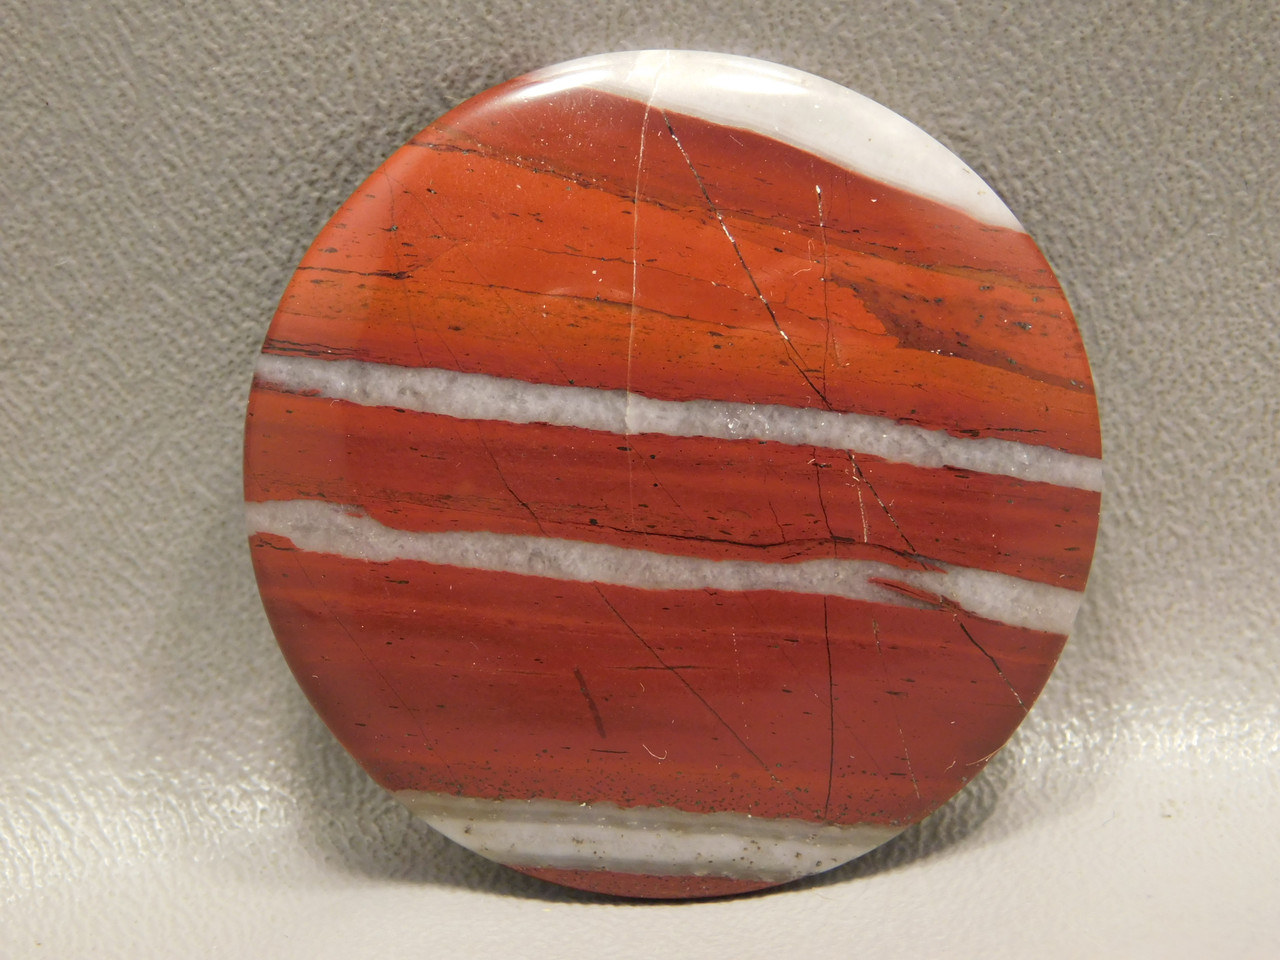 Red Jasper White Striped Round Cabochon Semiprecious Stone #8